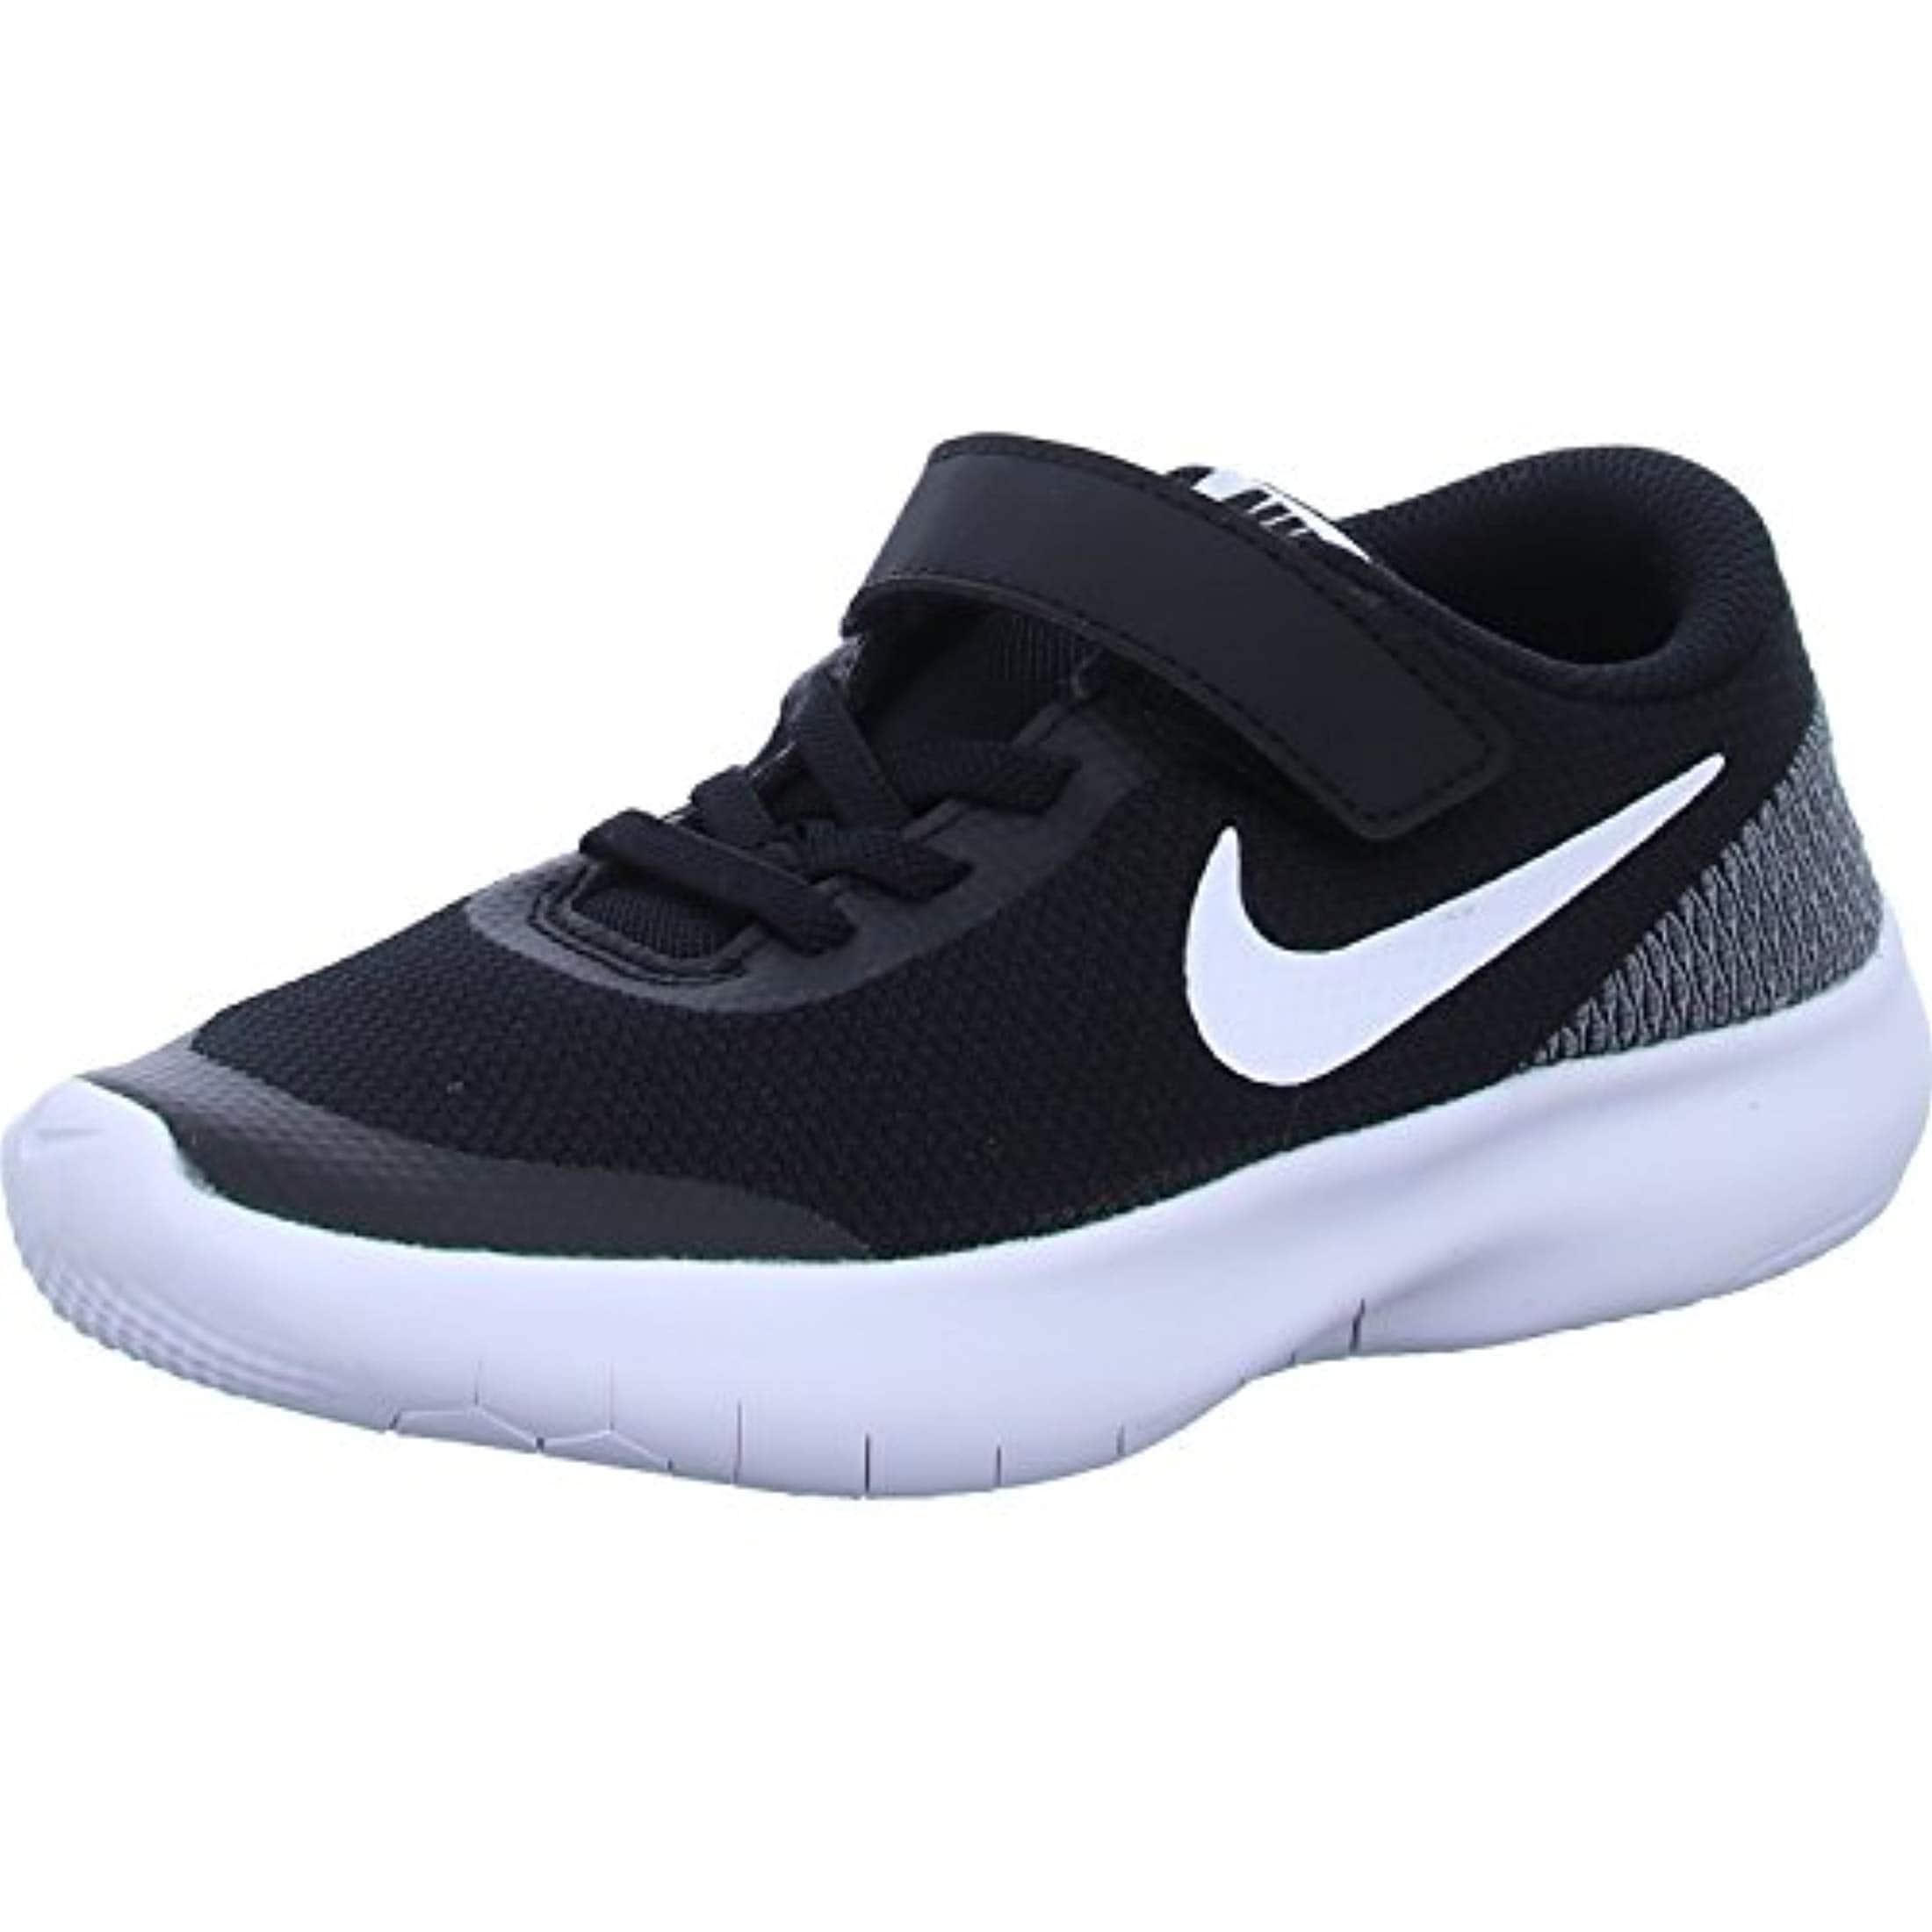 26566db04c07f4 Nike Boys  Shoes